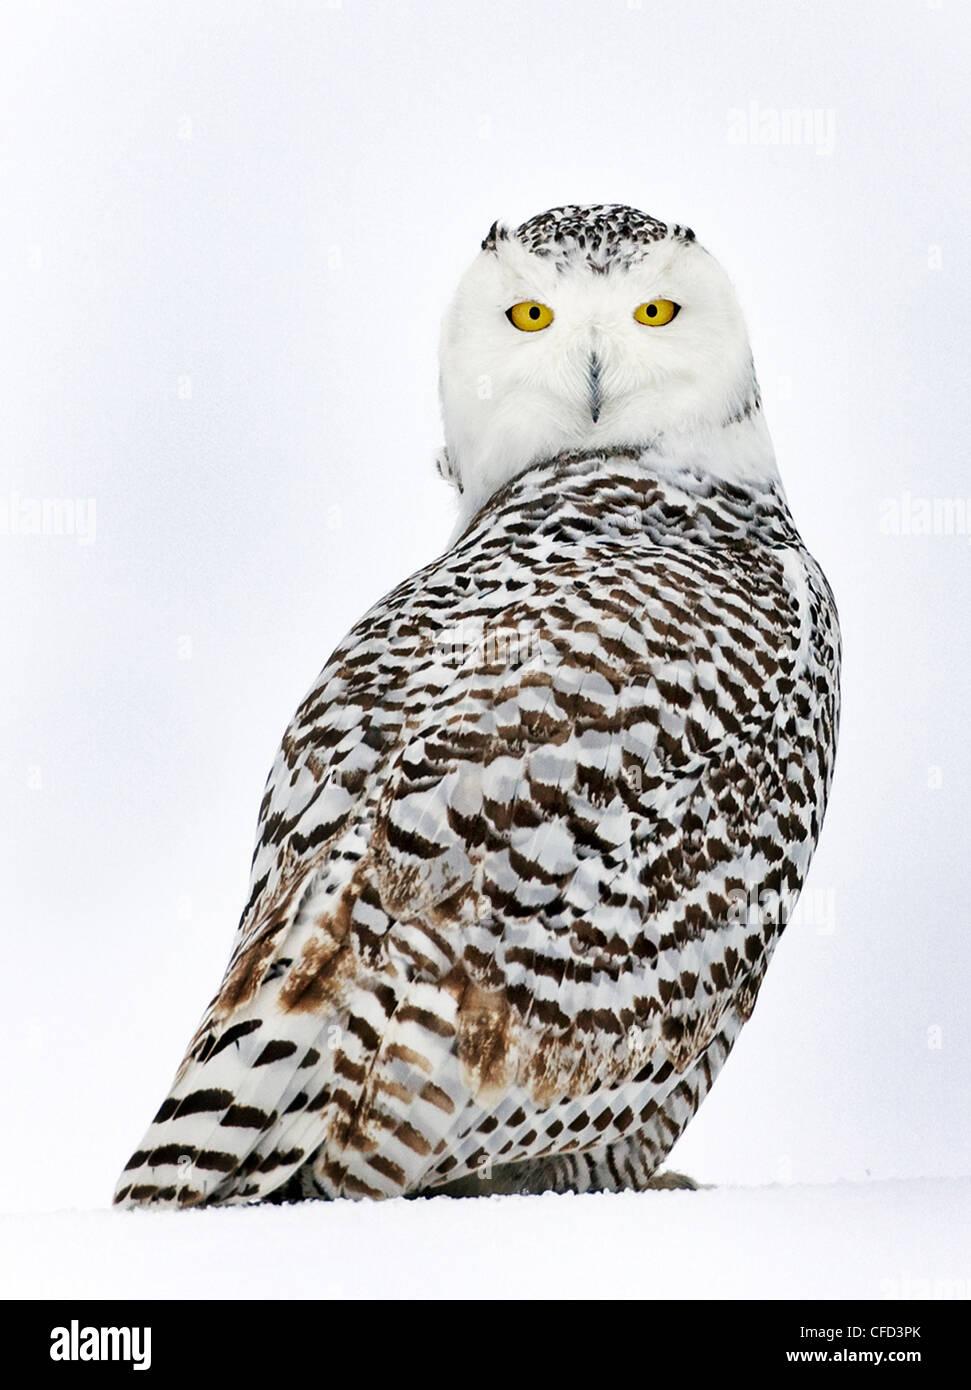 Snowy Owl portrait, Ottawa, Canada - Stock Image